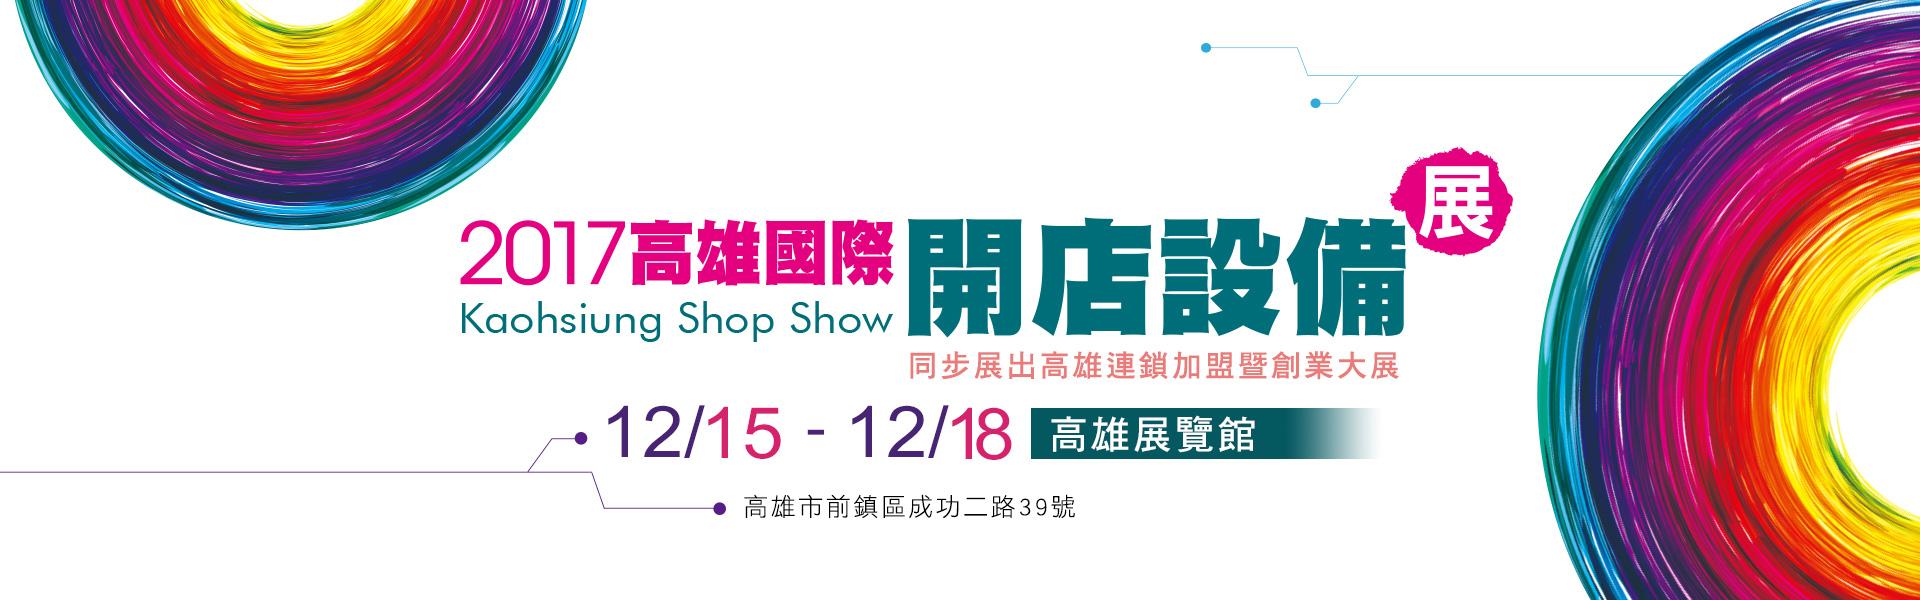 2017/12/15-18高雄國際開店設備展